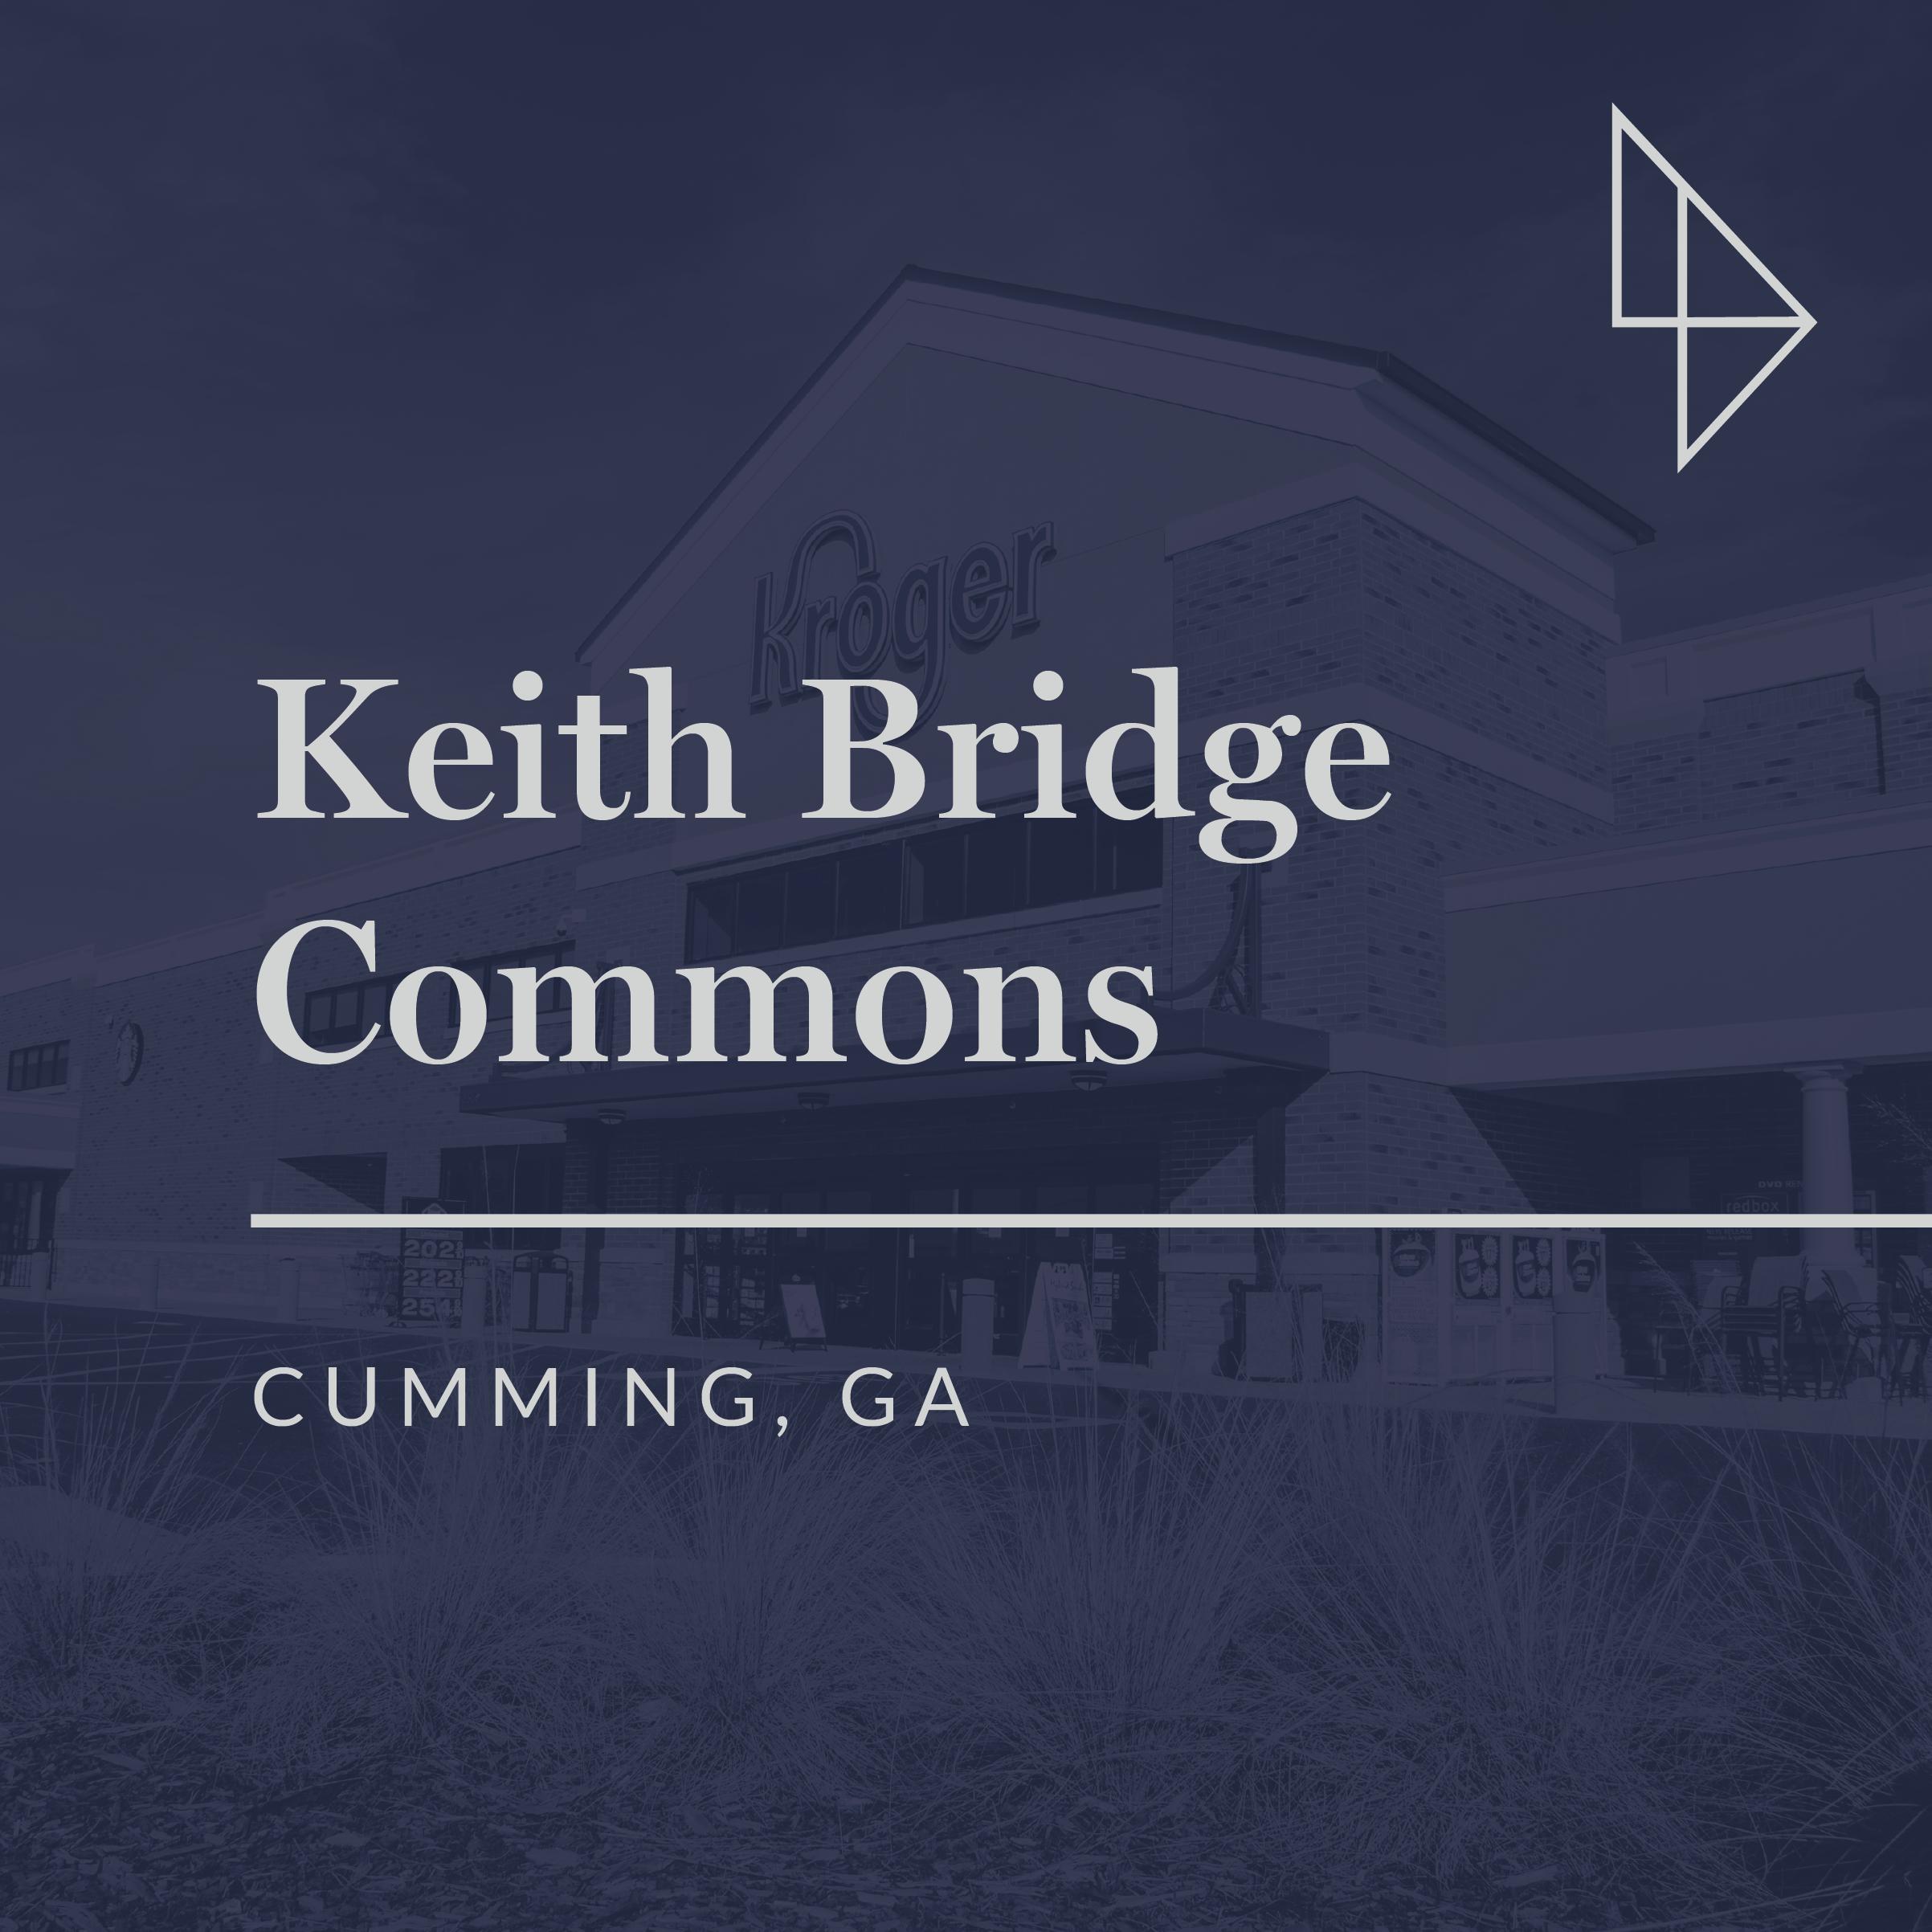 Keith Bridge Commons